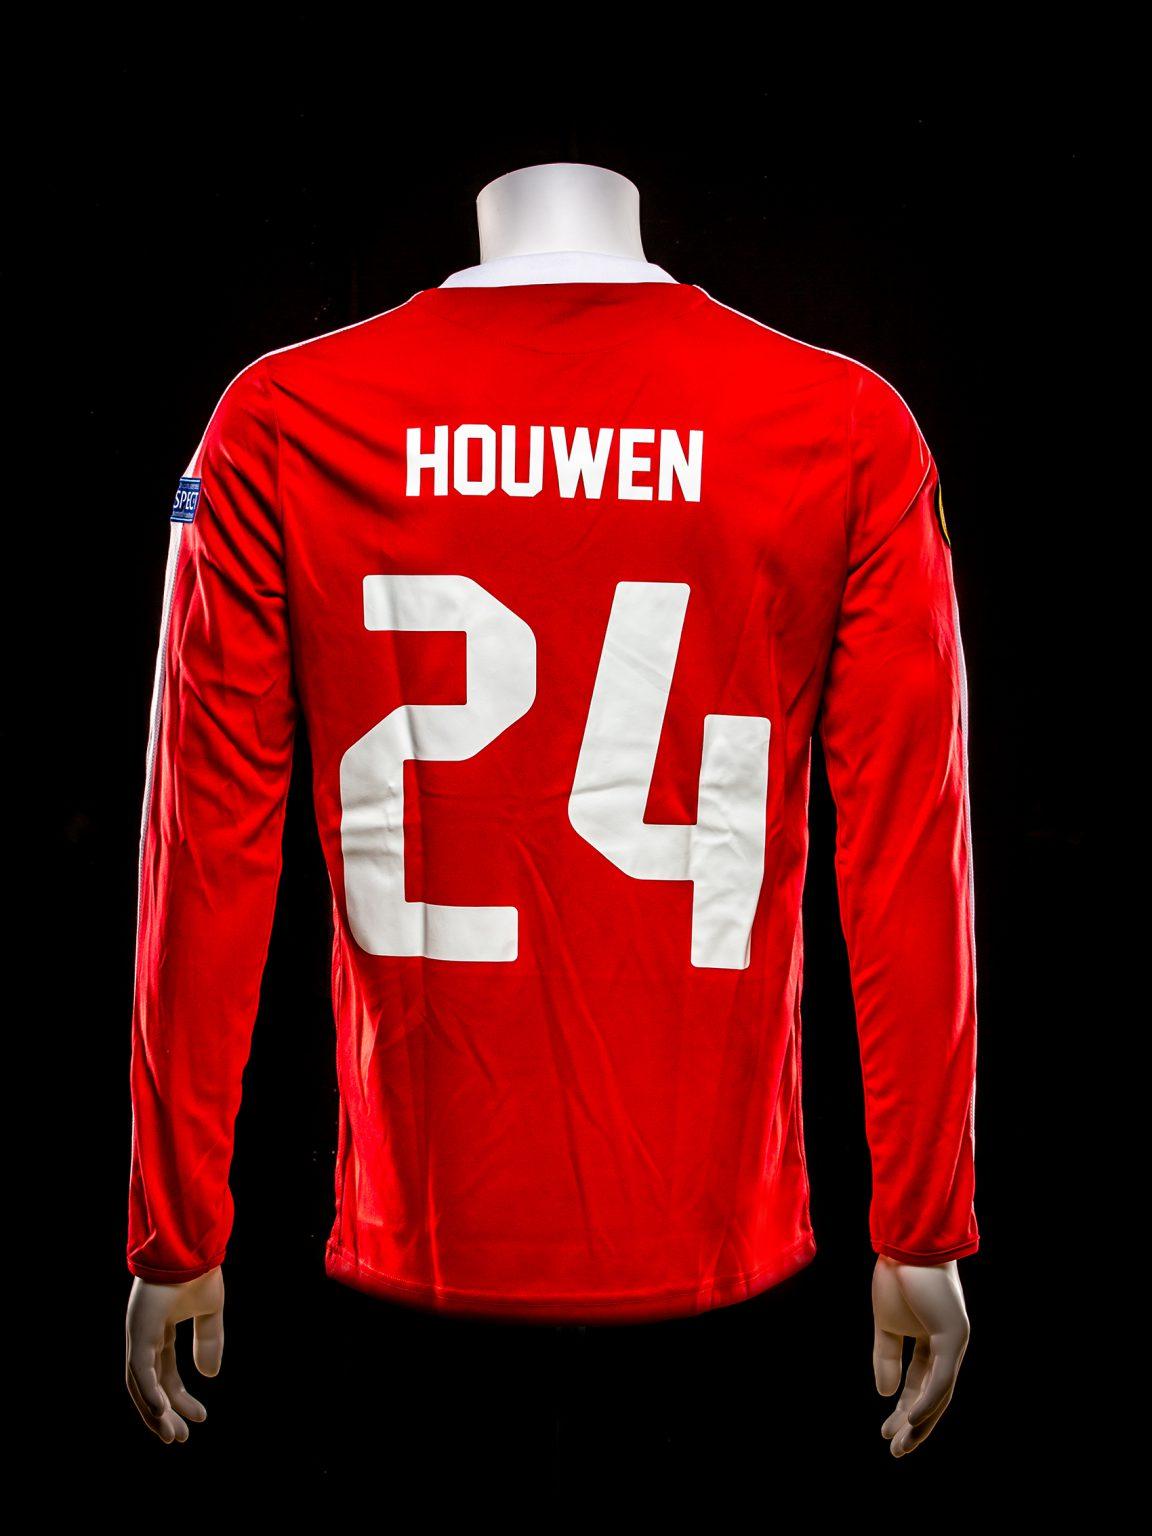 #24 Jeroen Houwen